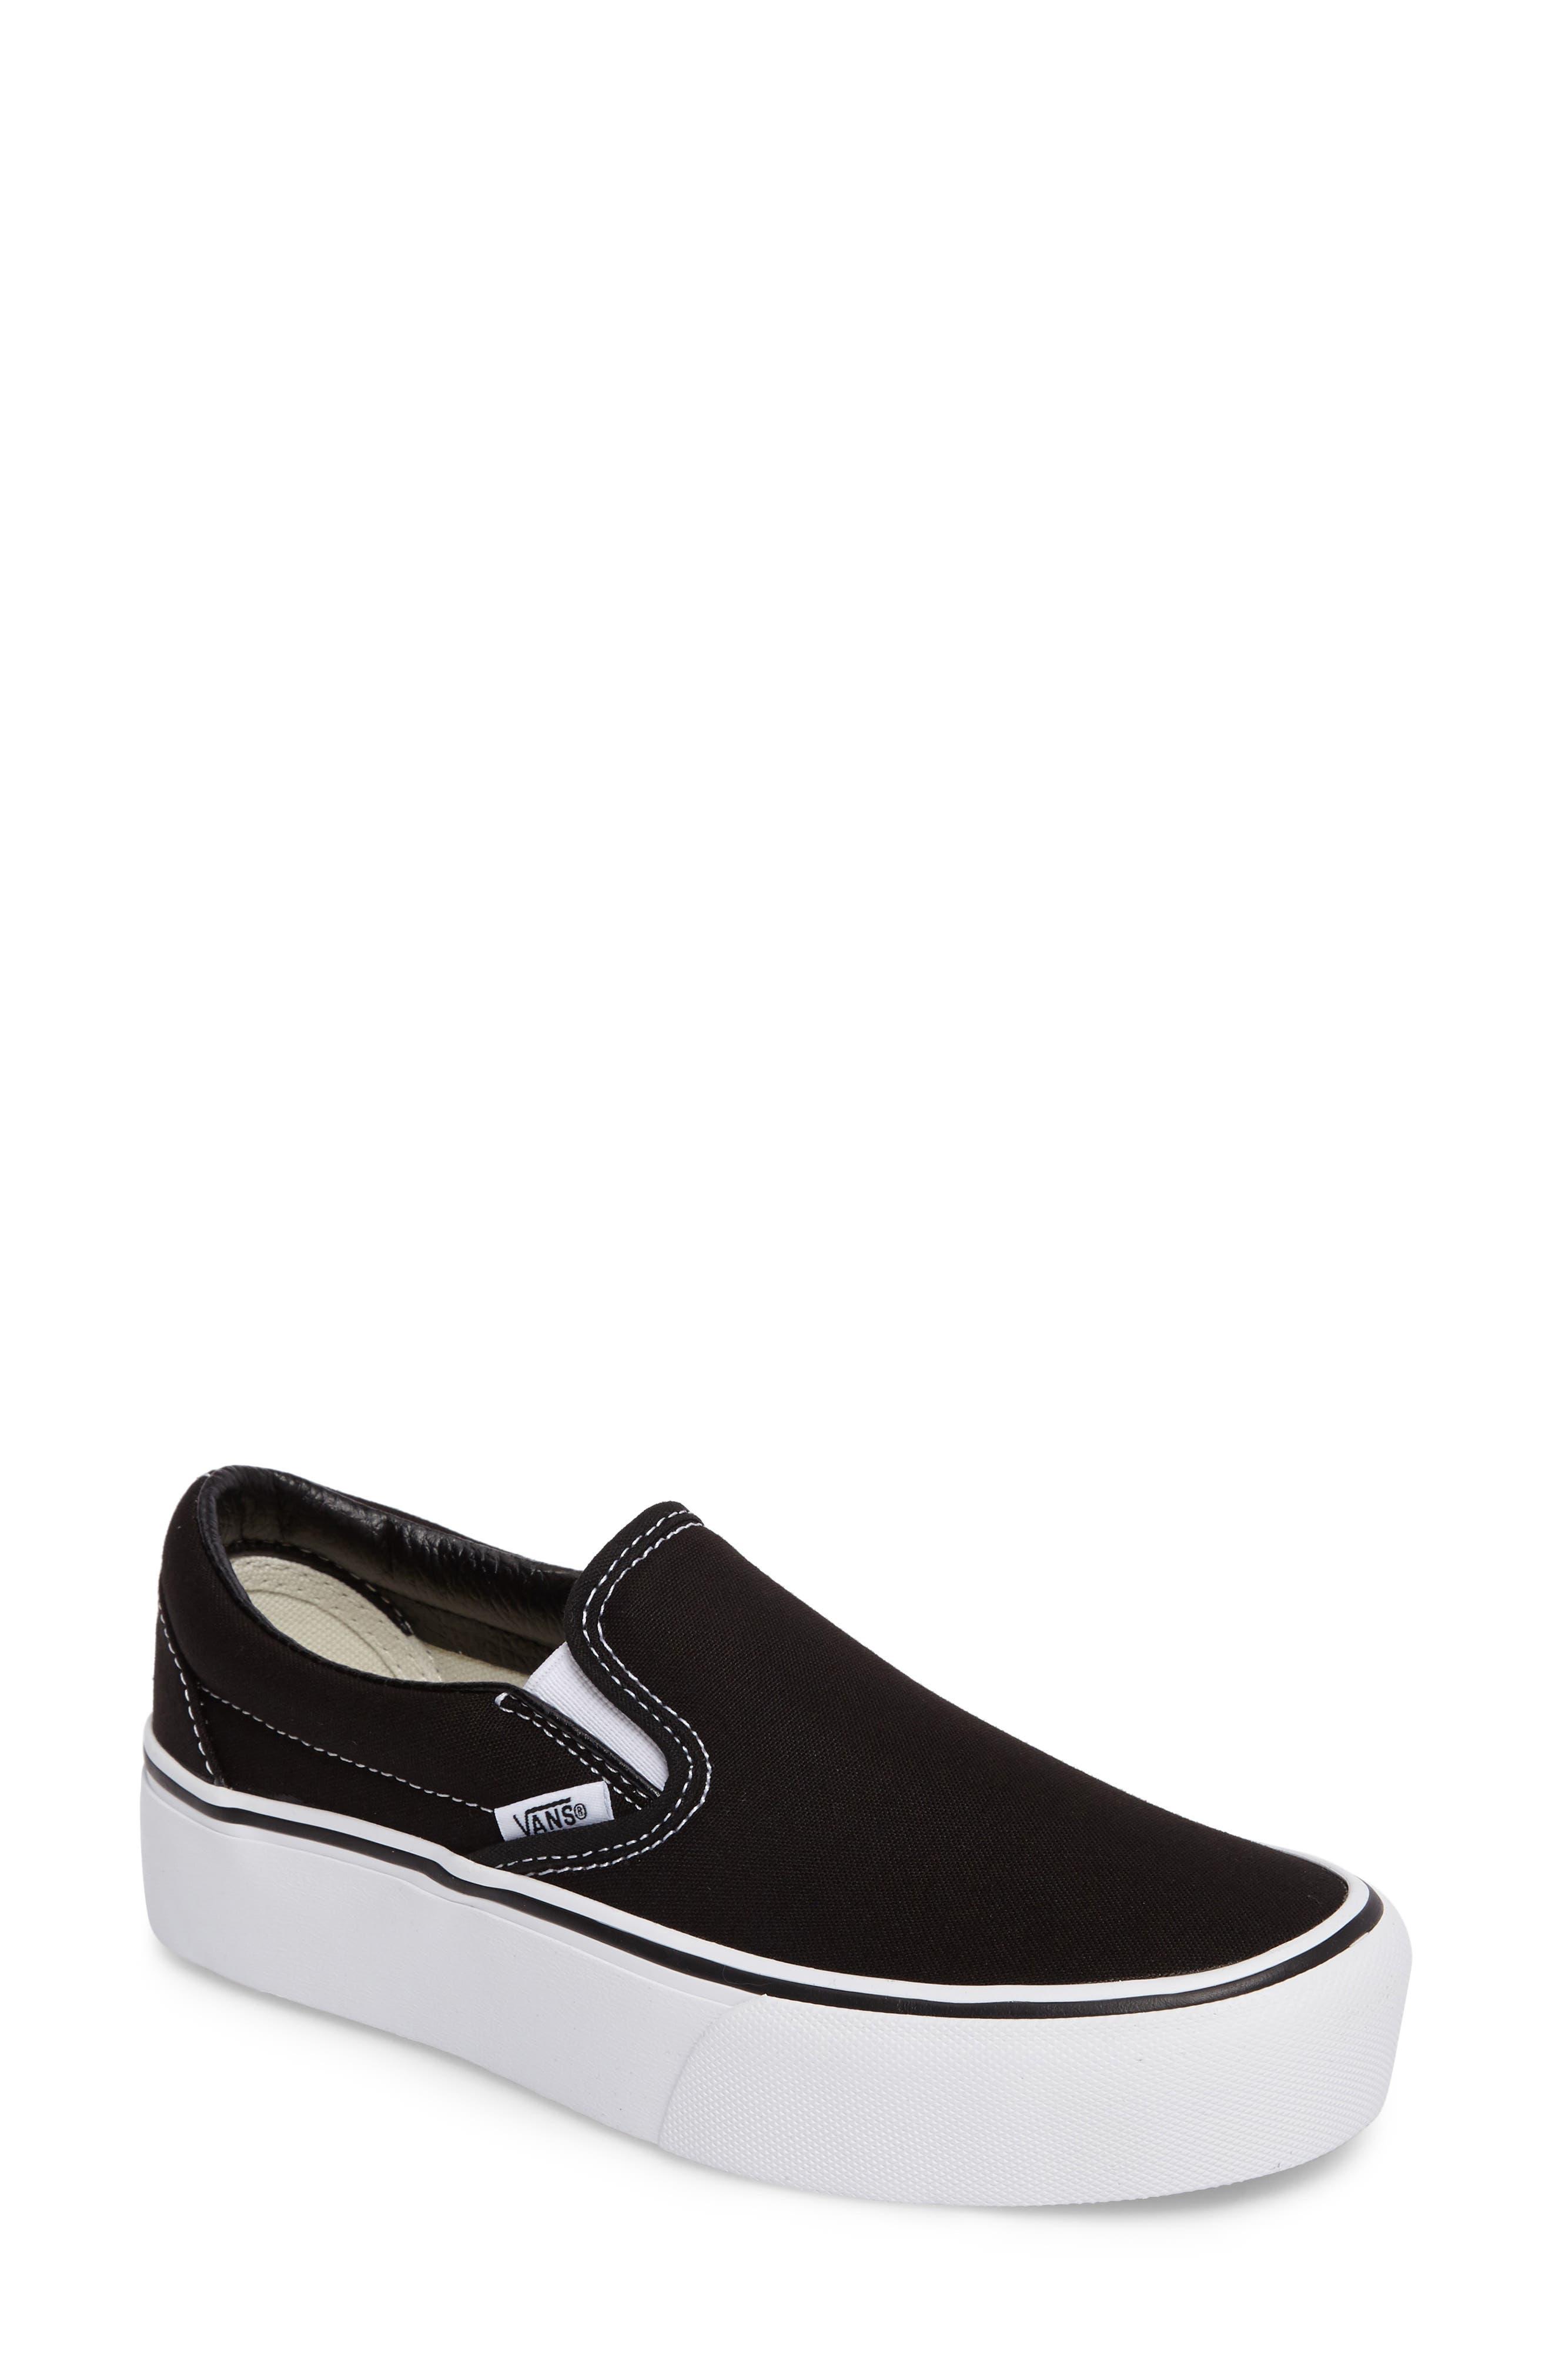 VANS Platform Slip-On Sneaker, Main, color, BLACK/ WHITE